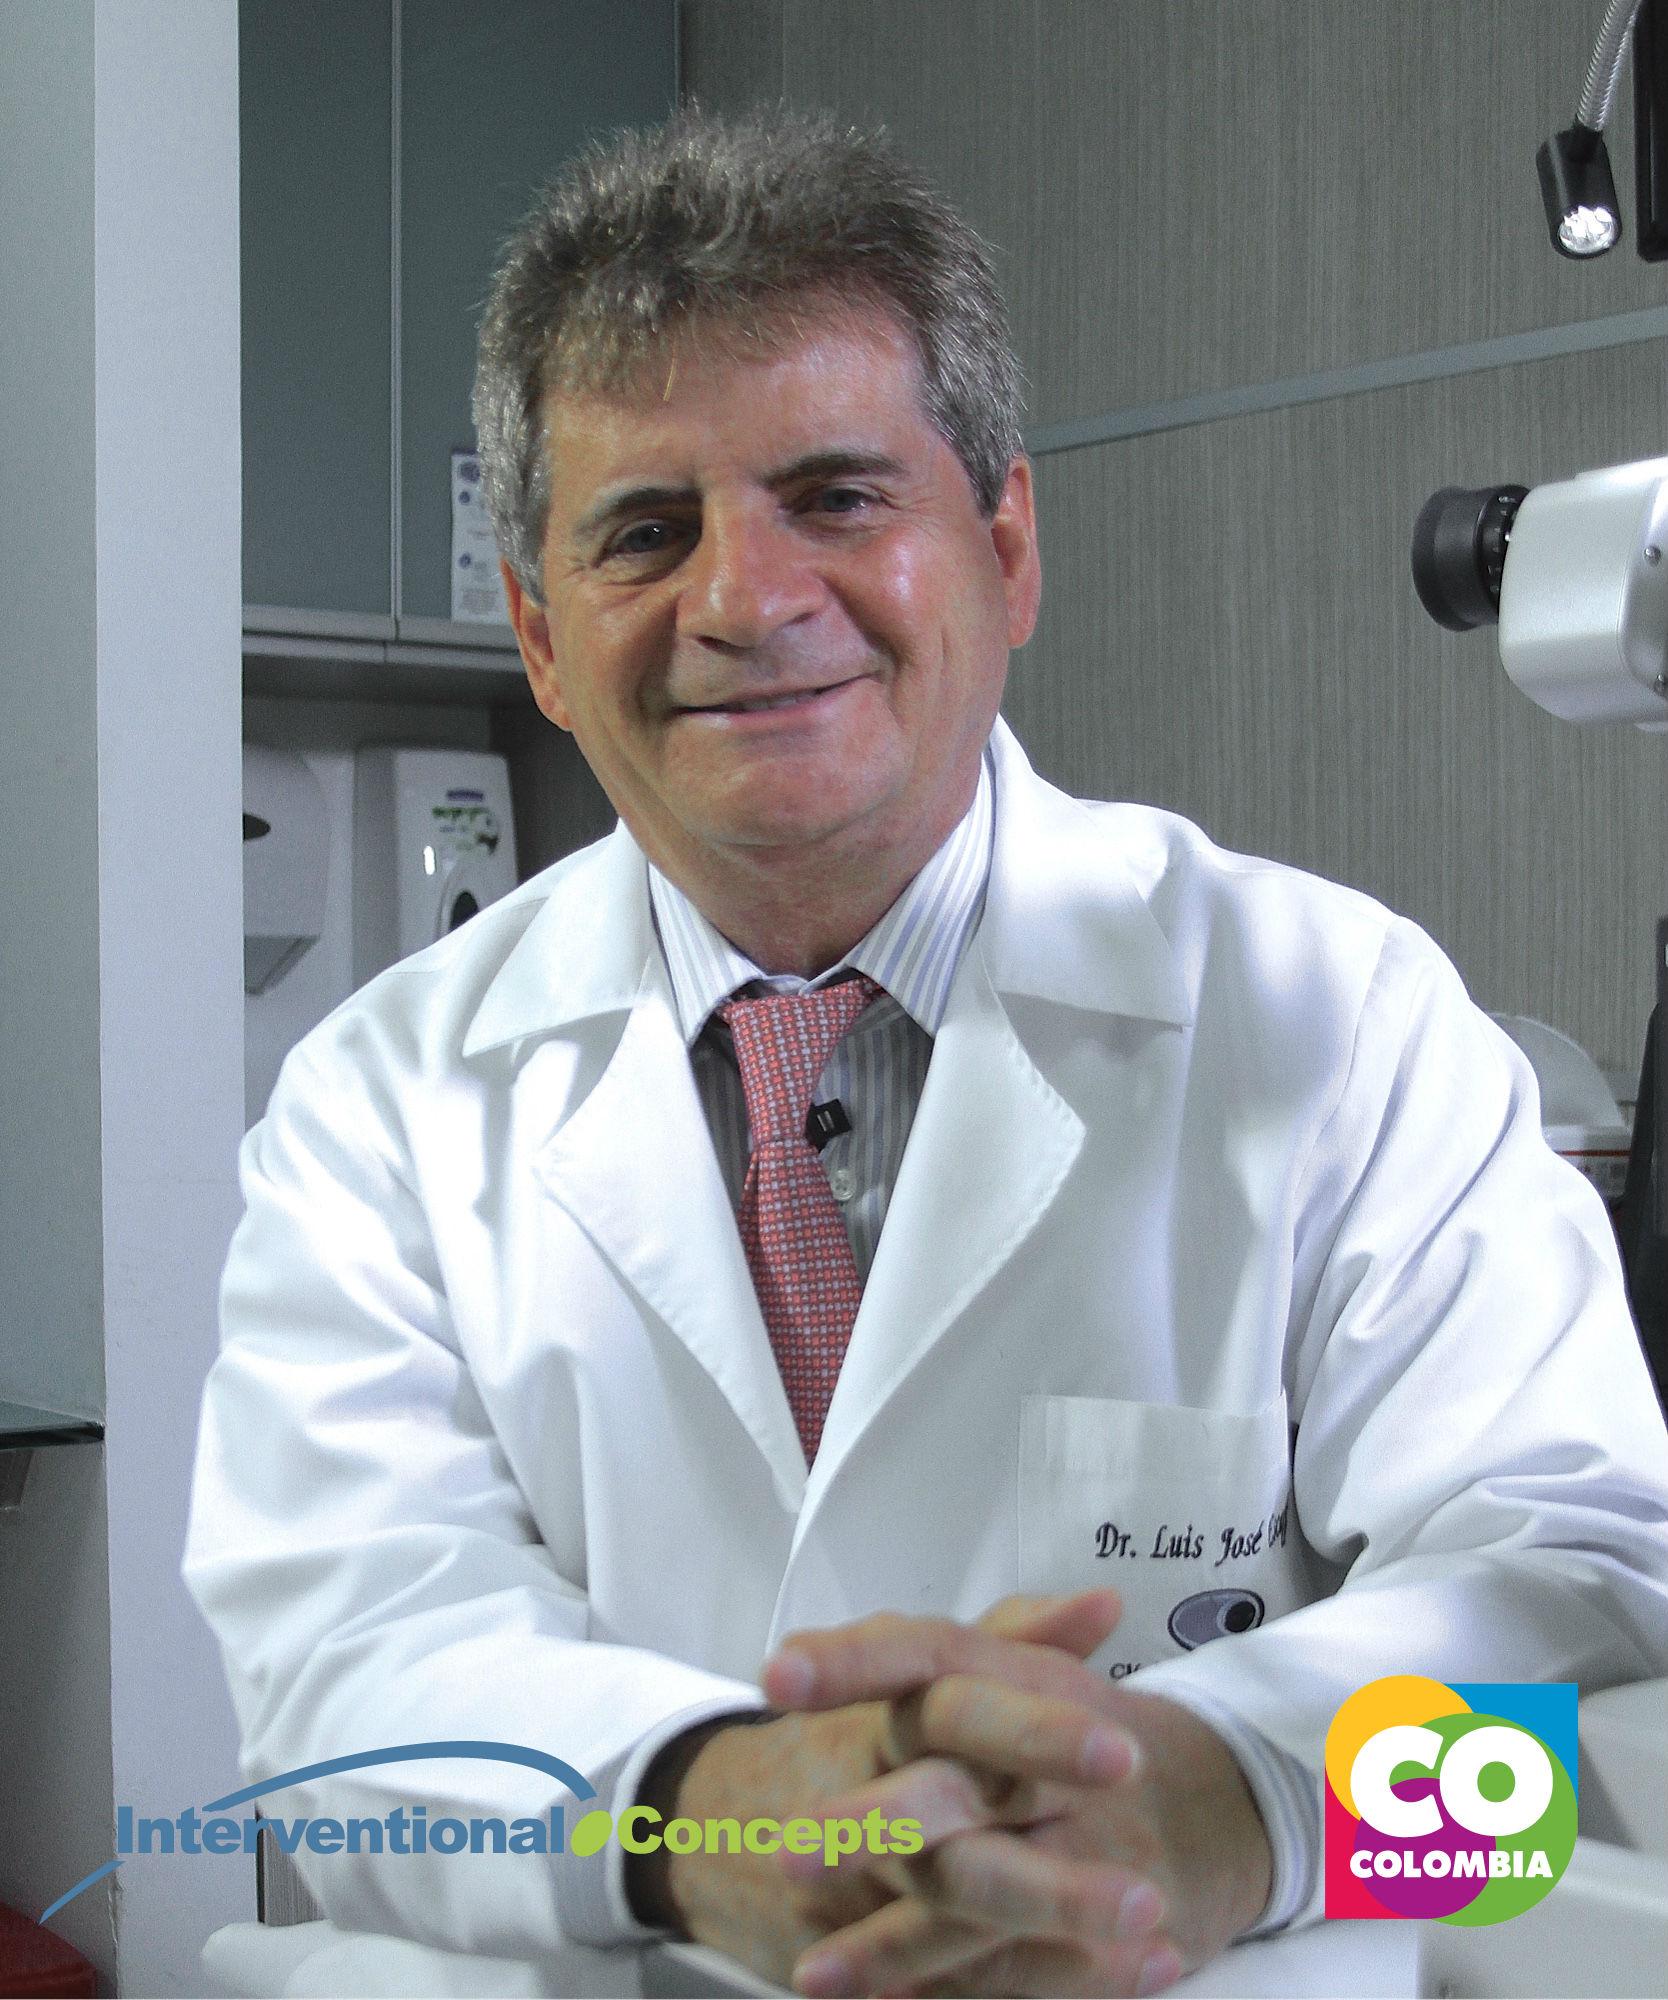 Dr. Luis Escaf, Clínica Oftalmológica del Caribe (COFCA)